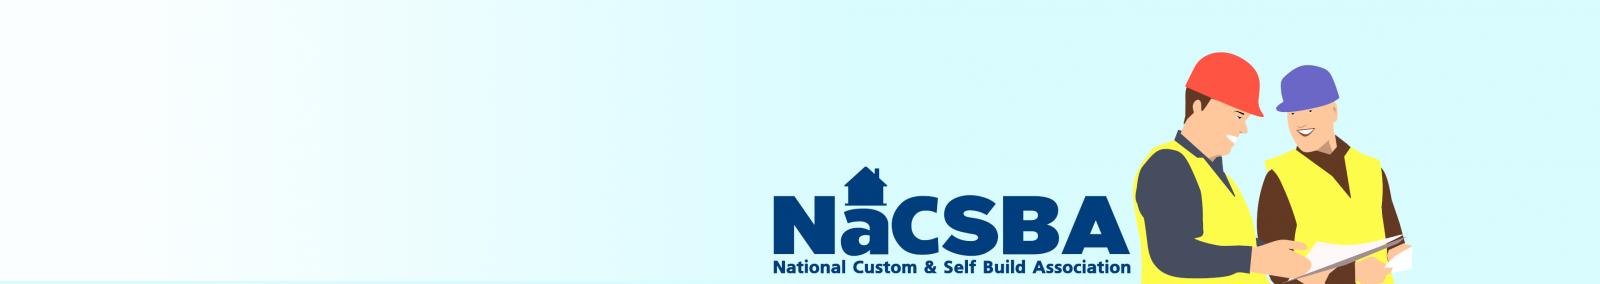 NaCSBA banner